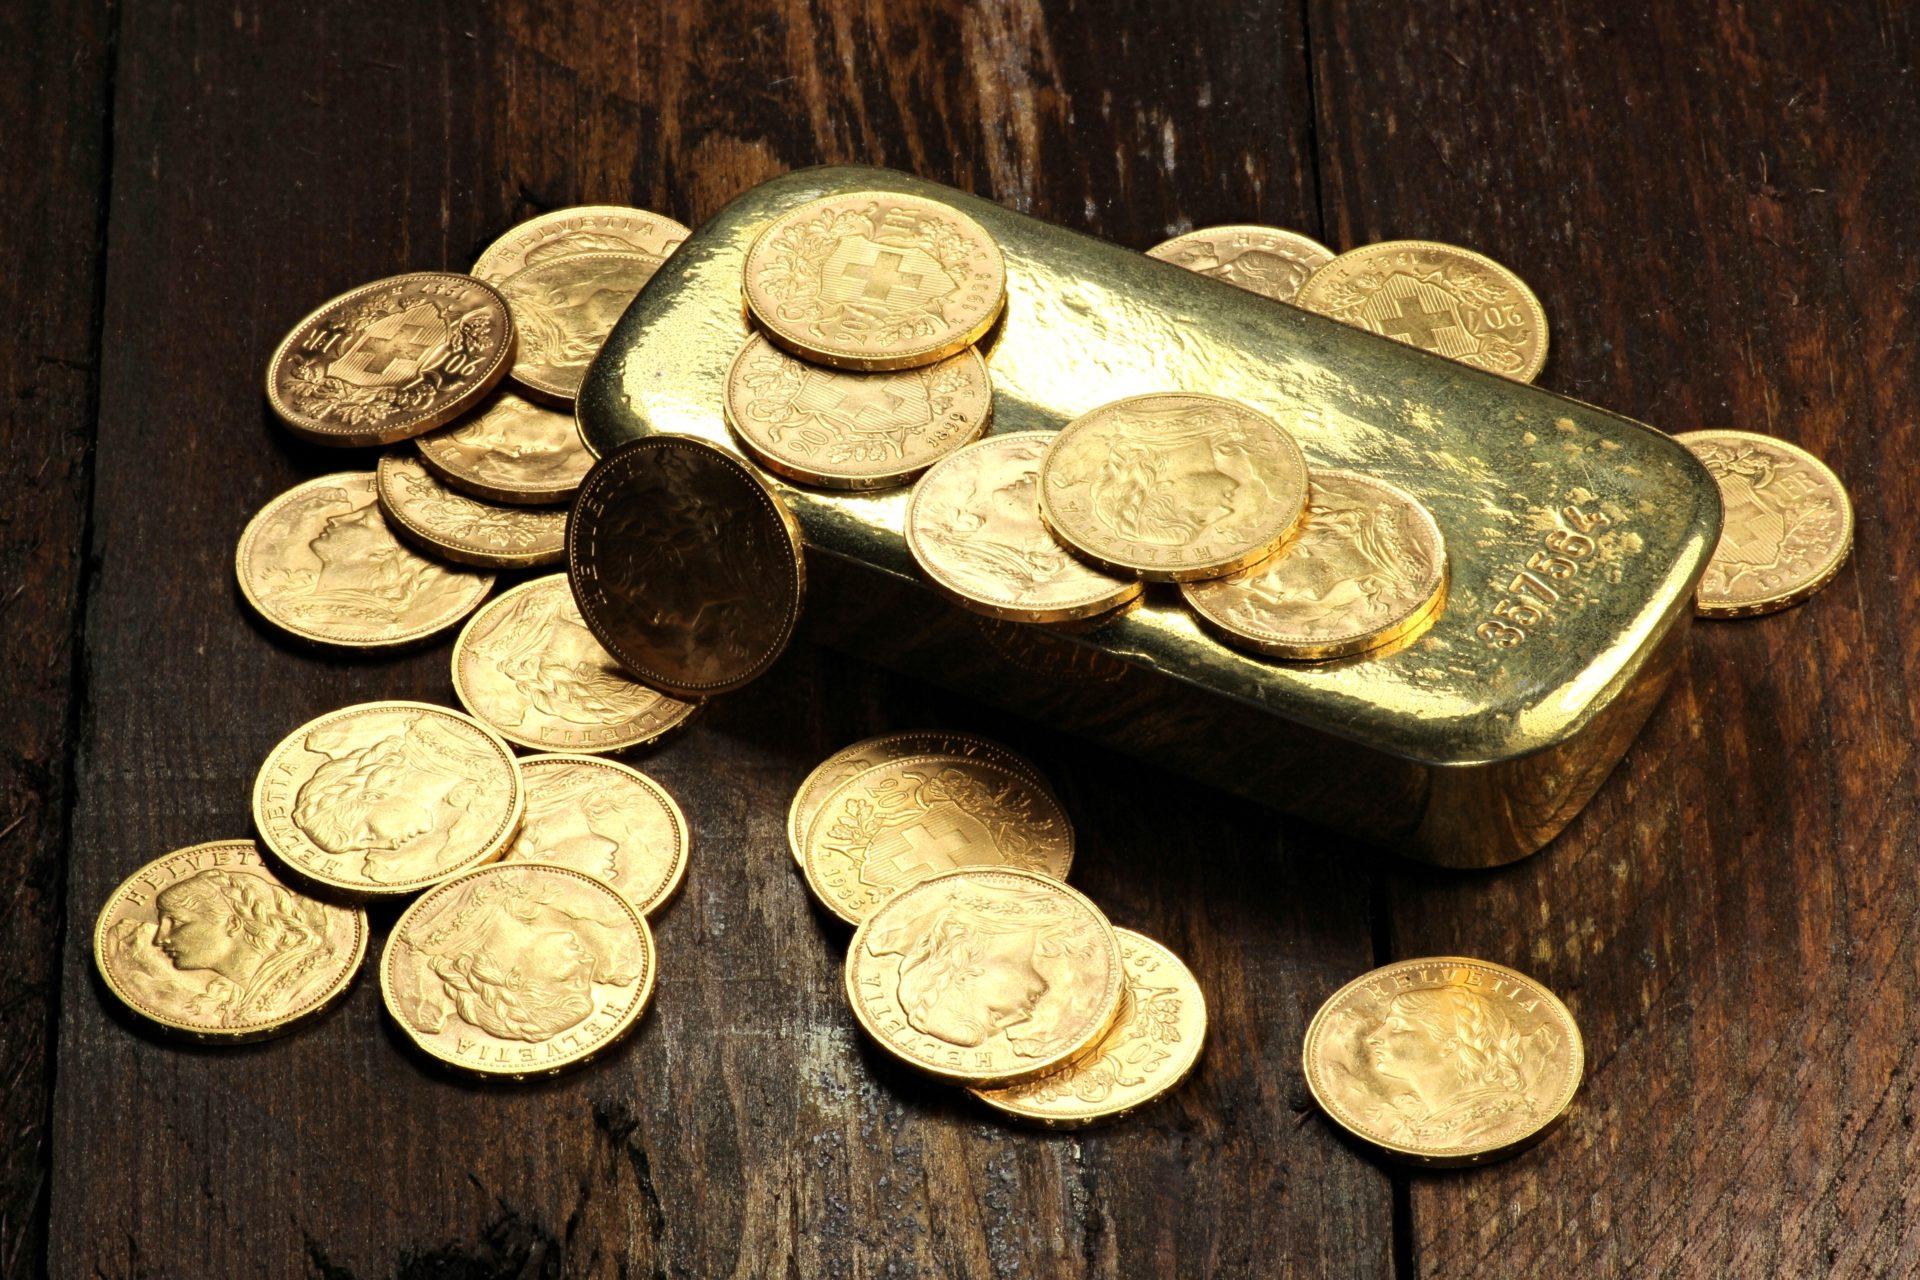 Goldmünzen Ankauf Goldmünzen verkauf Münzen Ankauf Goldmünzen Ankauf online Aurax Edelmetallhandel GmbH Goldmünzen Ankauf Bonn Höchstpreis für Goldmünzen